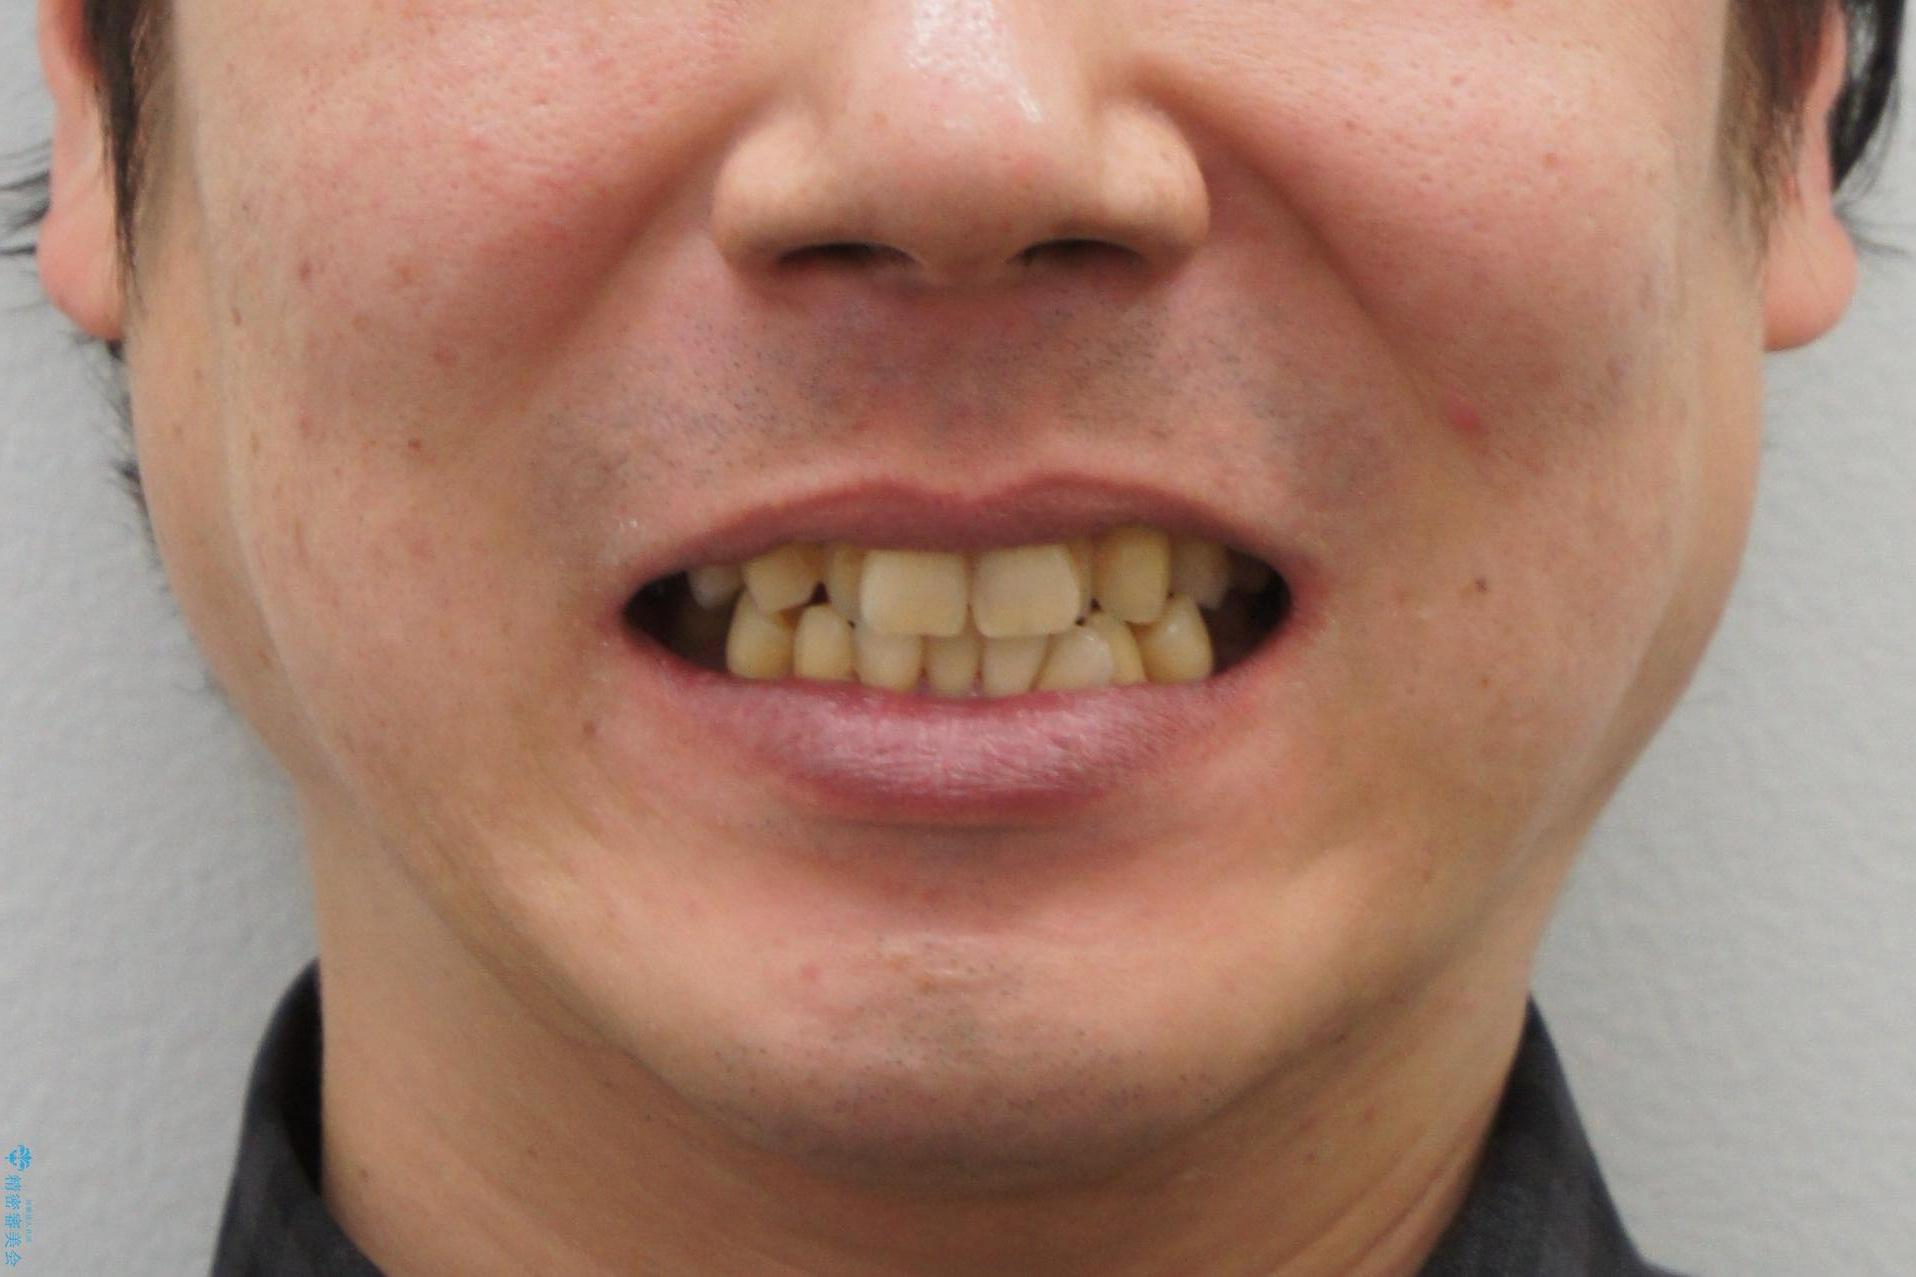 前歯の虫歯 矯正治療してからしっかり治すの治療前(顔貌)